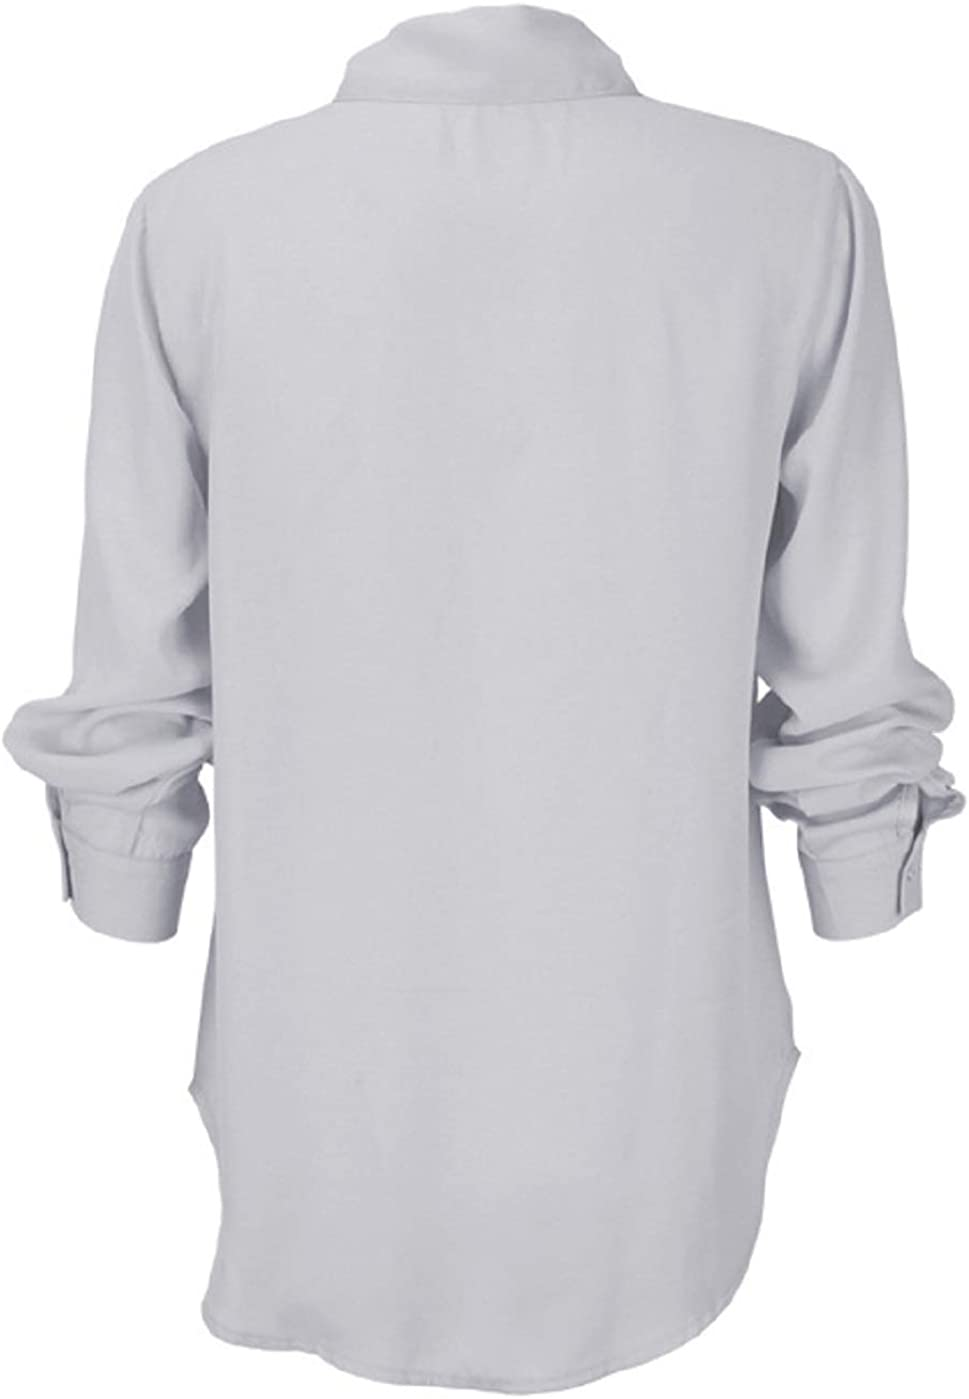 UMIPUBO Bluas de Mujer Camisa Gasa Blusa Mujer Elegante Manga Larga Camisa Suelta Mujer Casual Invierno Primavera Verano Shirts S-XXL